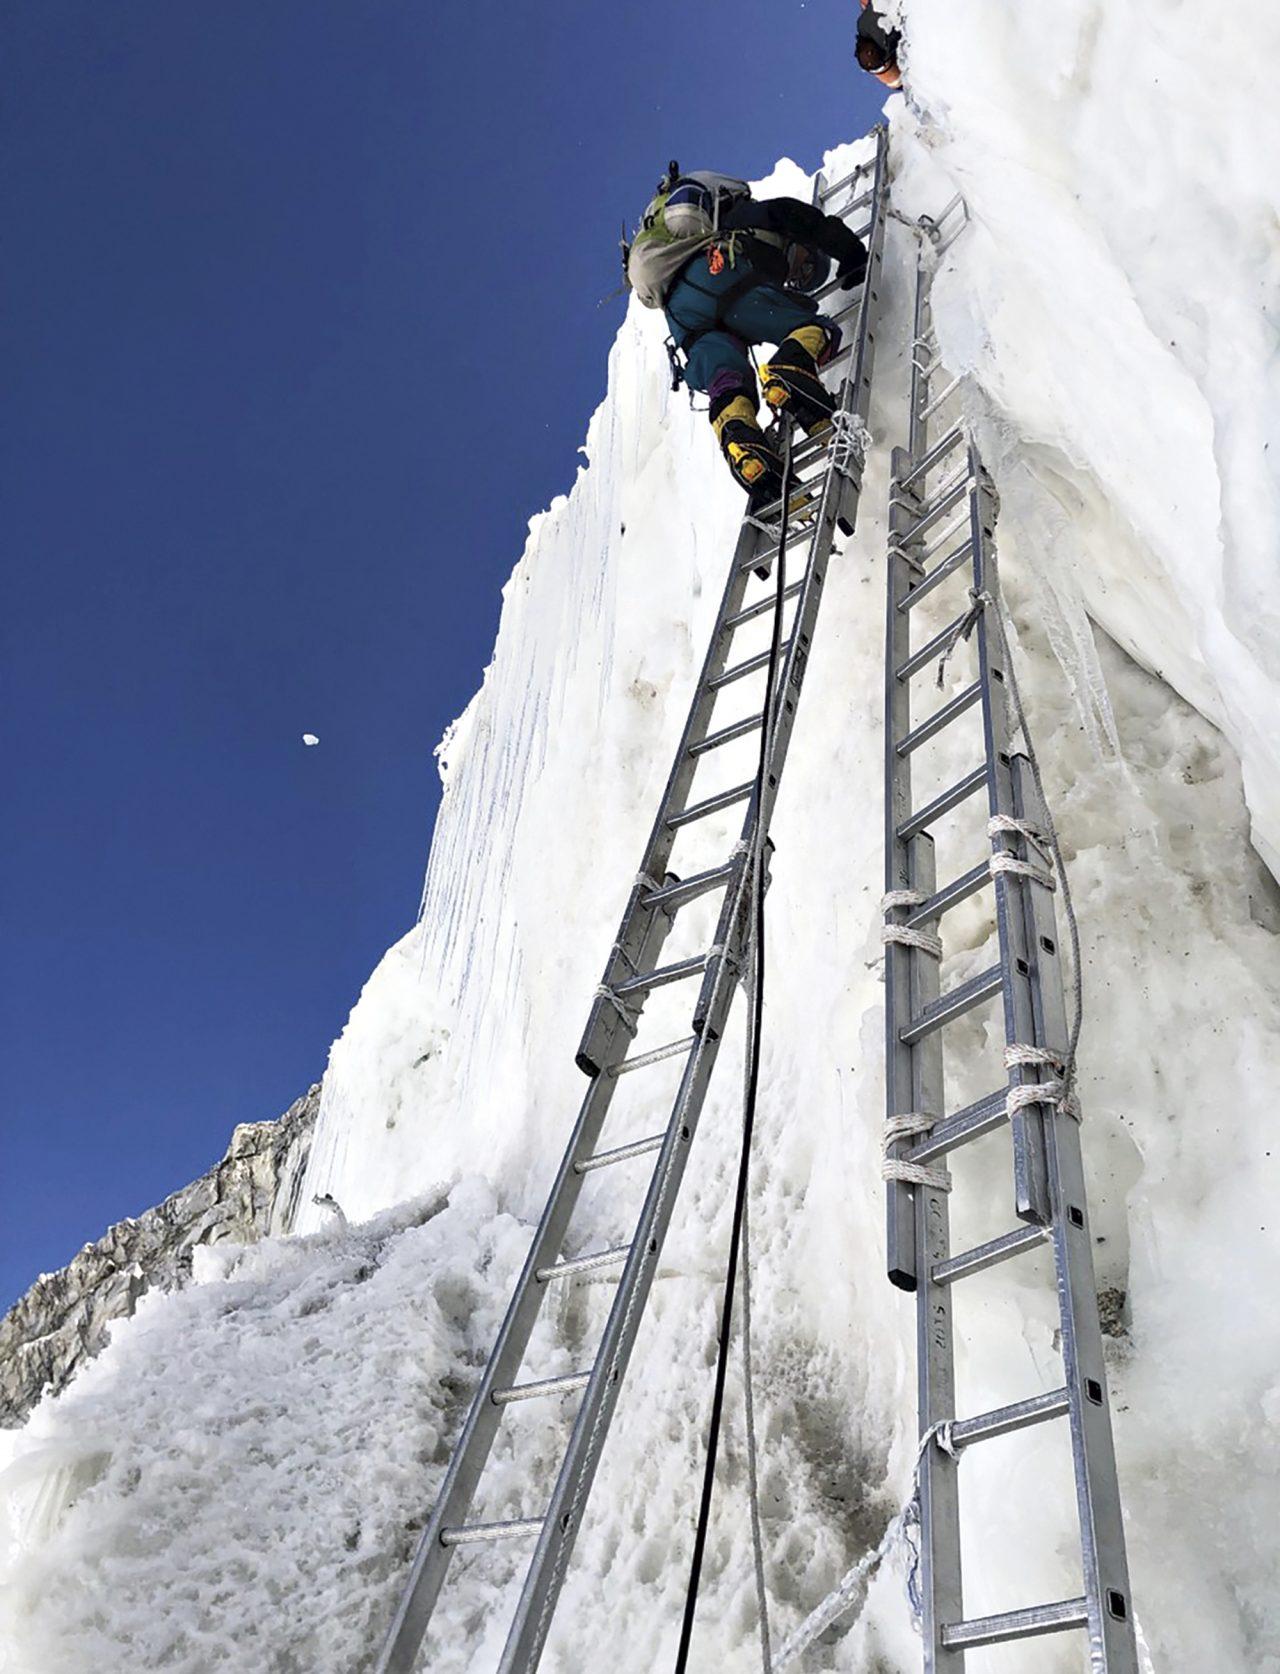 Climbing up the Khumbu Icefall; Photo courtesy Ed Dohring